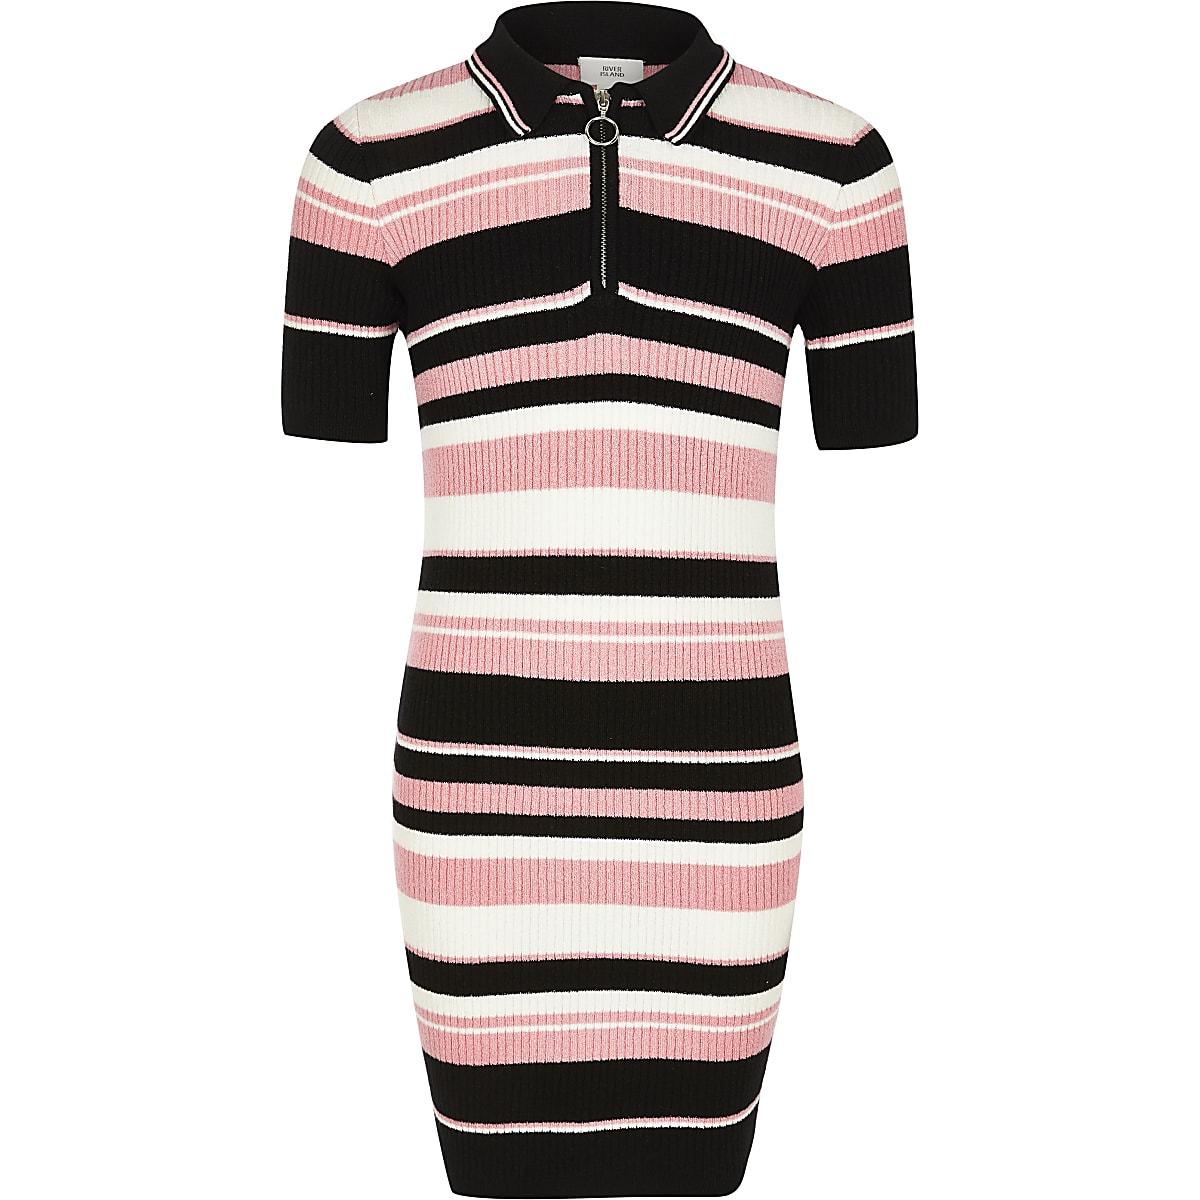 Zwart met roze gestreepte gebreide jurk met polokraag voor meisjes